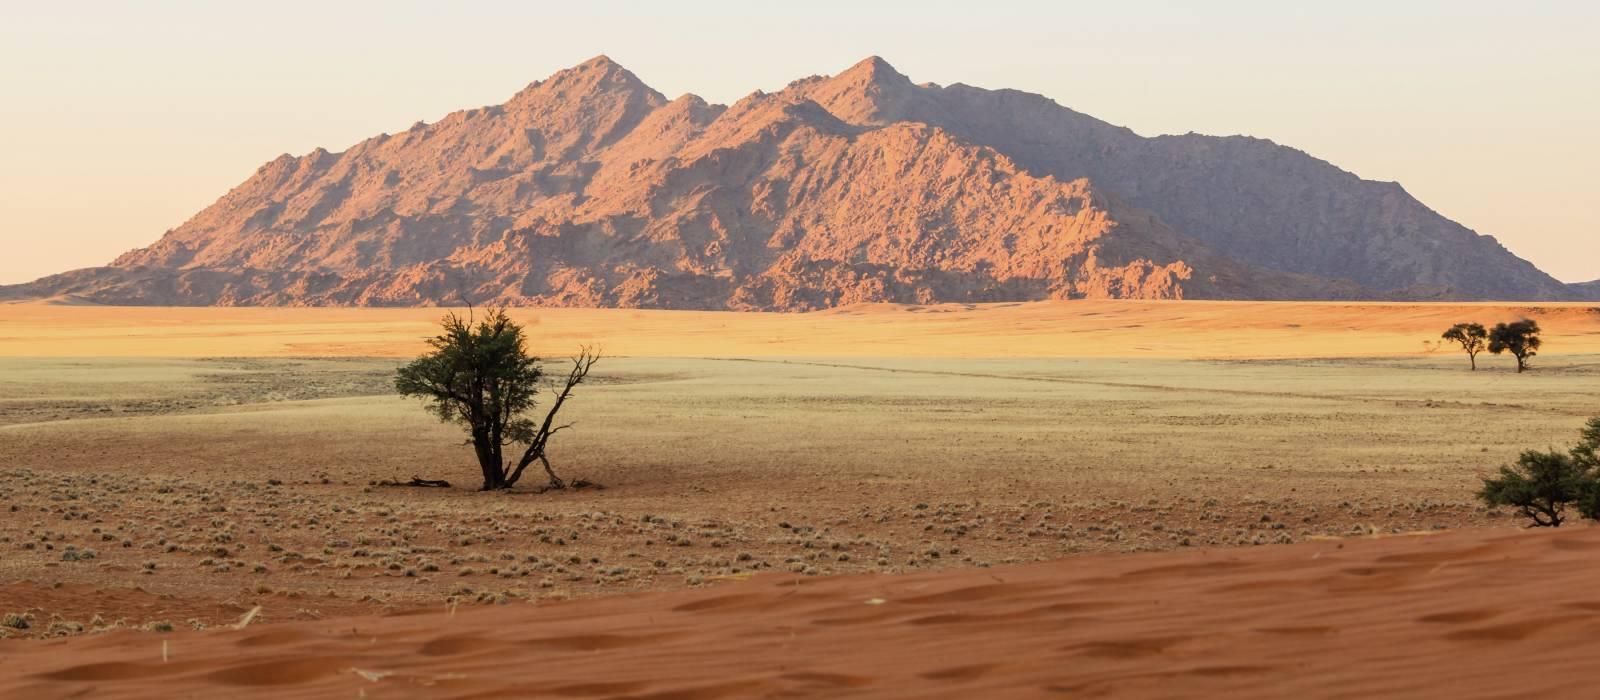 Rote Sanddünen und Granitaufschlüsse in Sesriem, Namibia, Afrika